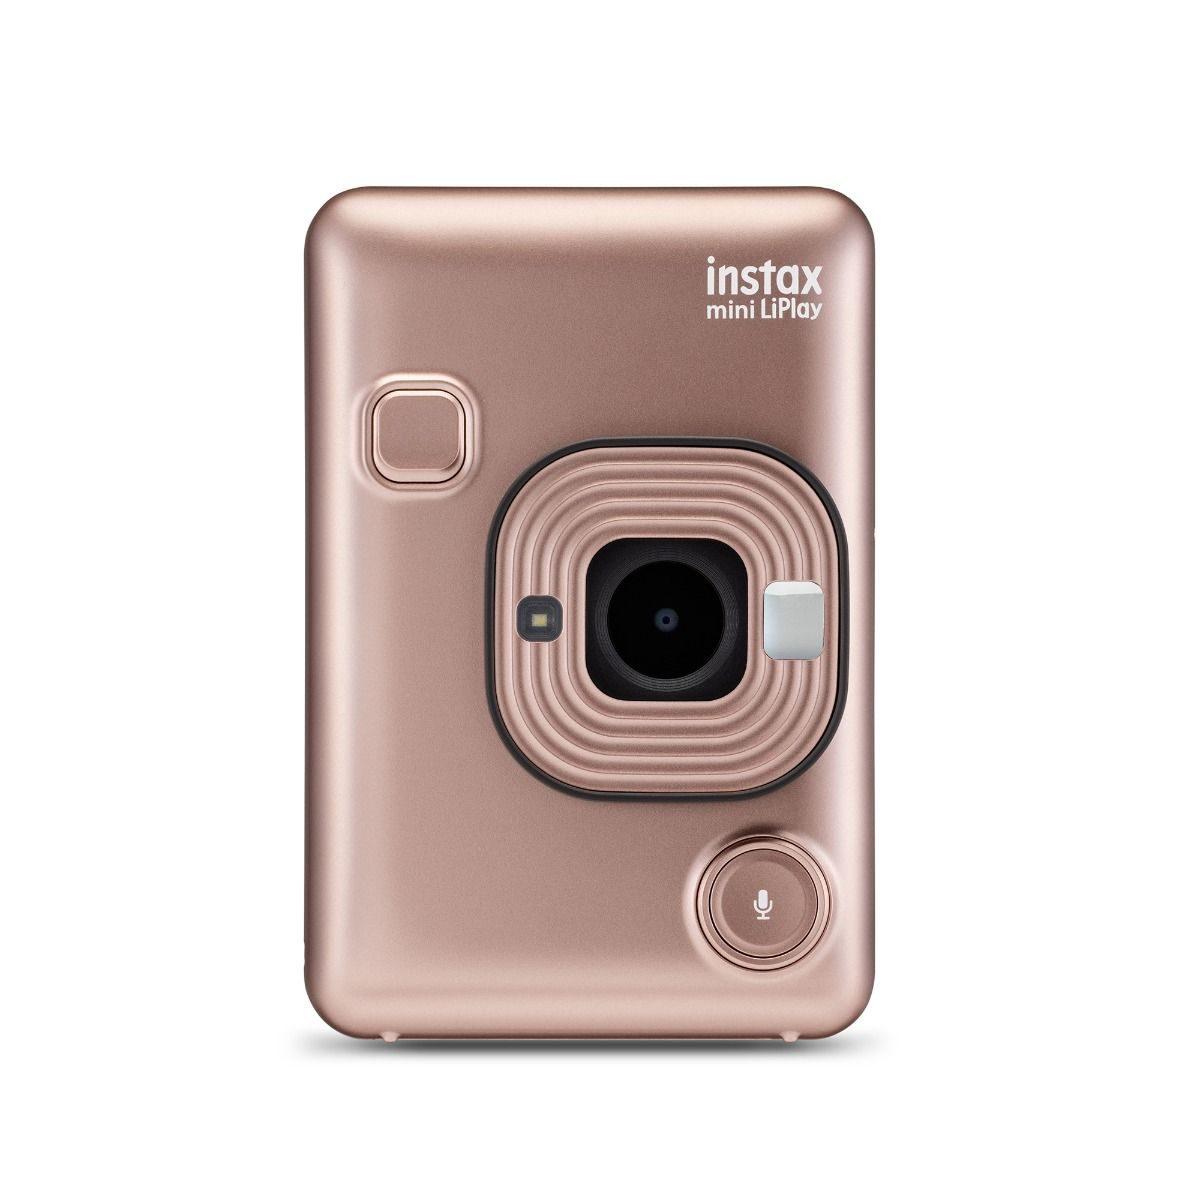 Fujifilm Instax Mini Liplay camera Blush Gold